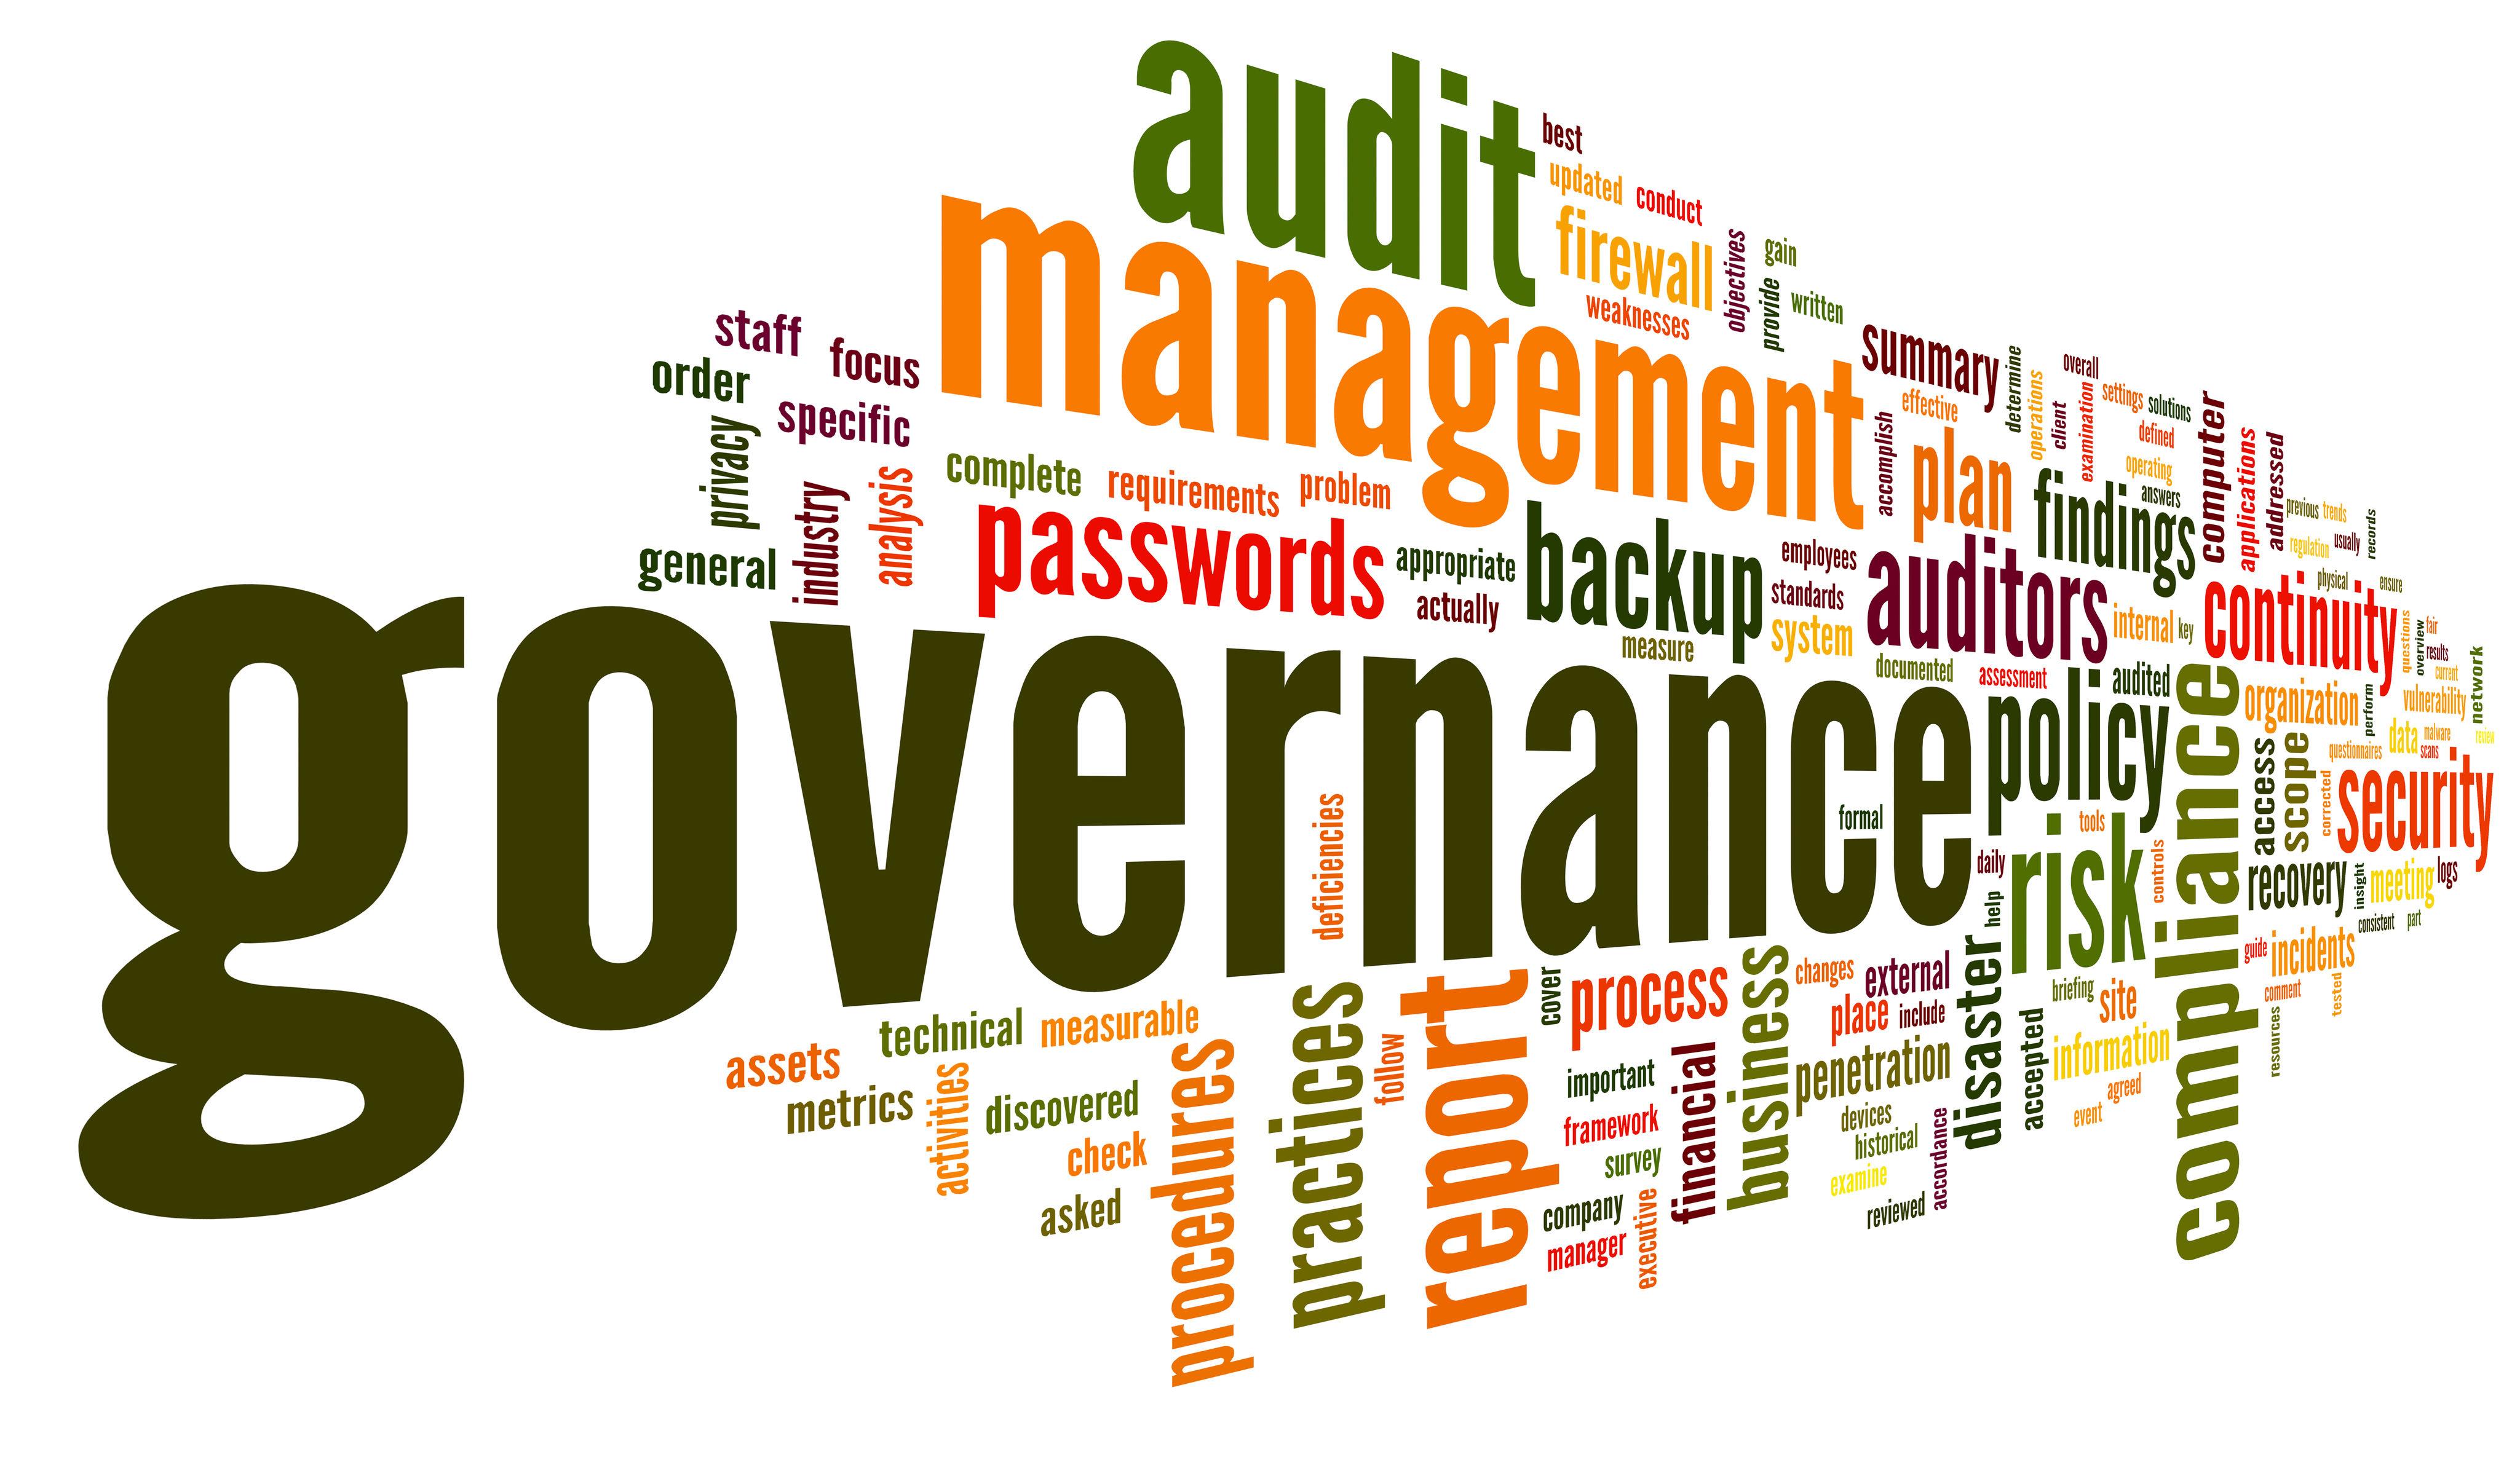 حوكمة تقنية المعلومات It Governance أساس النجاح نحو تحول رقمي ناحج مدونة منذر اسامة